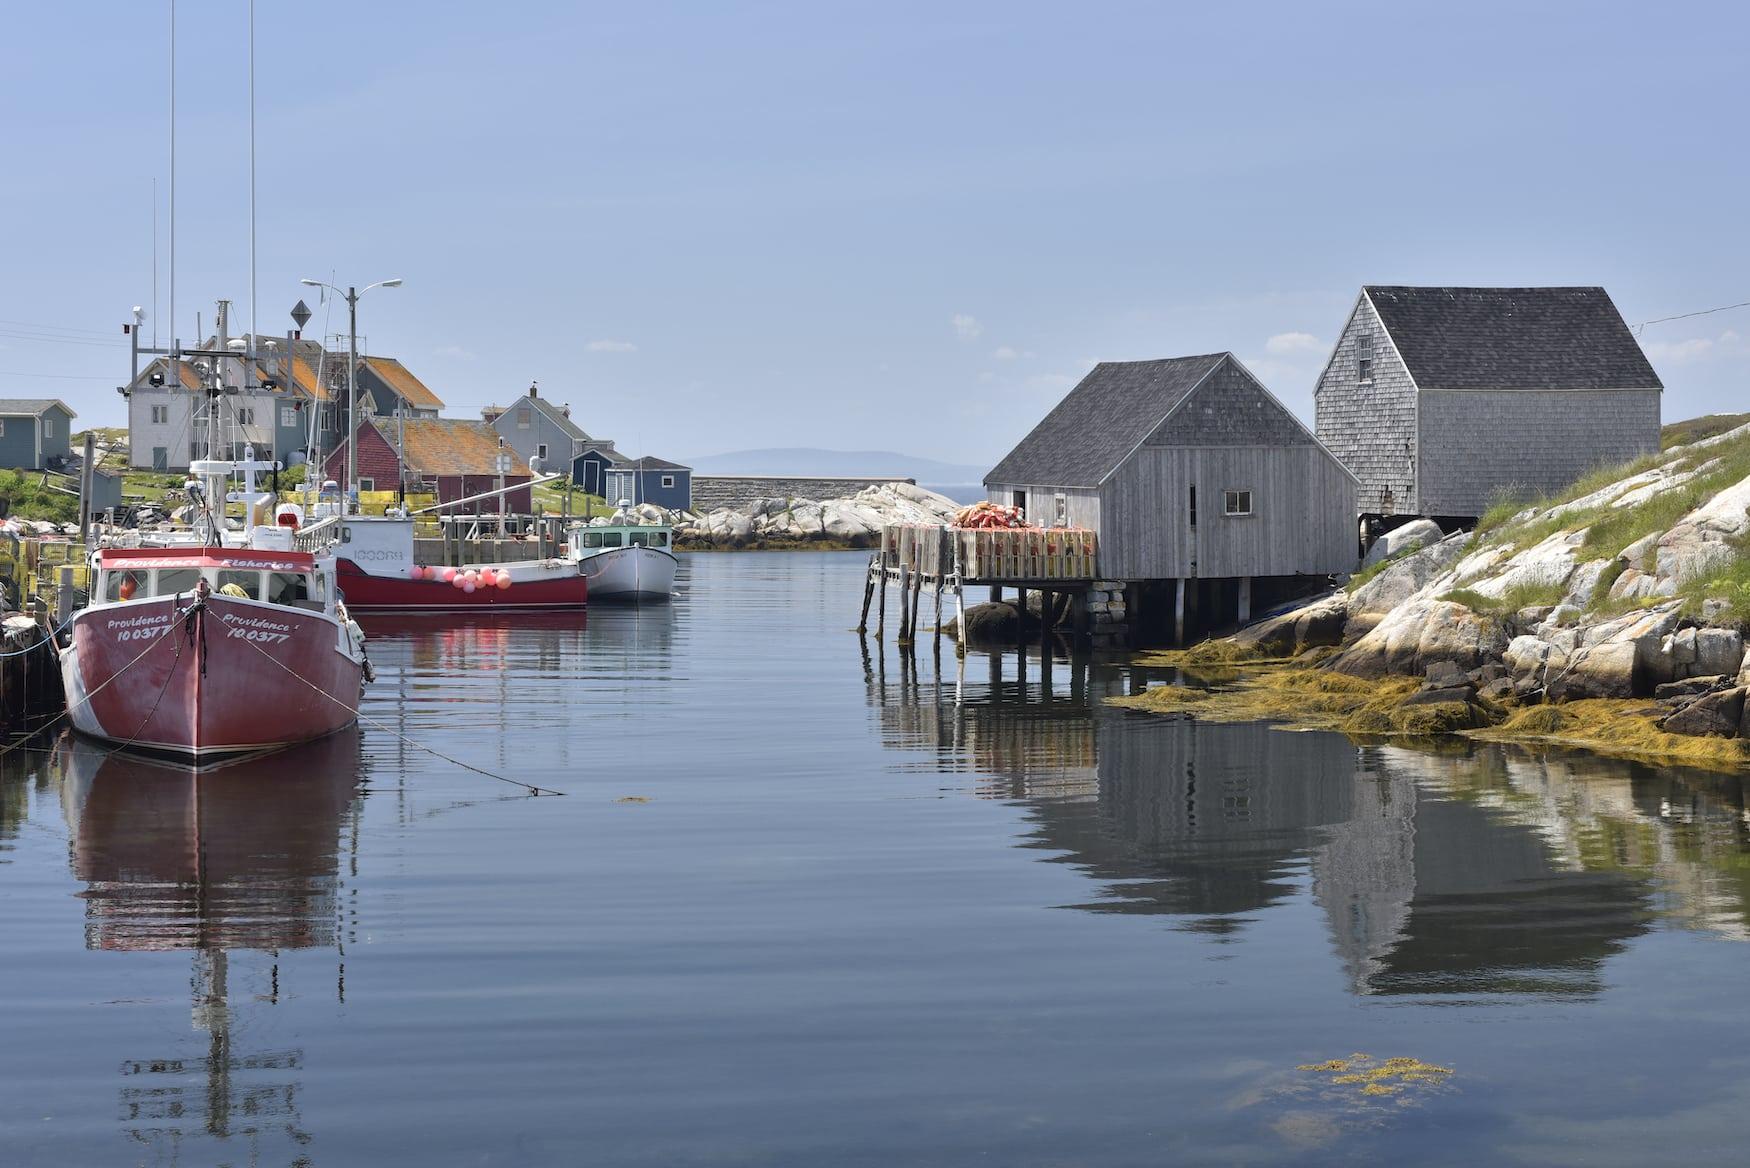 Boote im Hafen von Peggy's Cove, die man auf einem Roadtrip durch Nova Scotia besuchen sollte